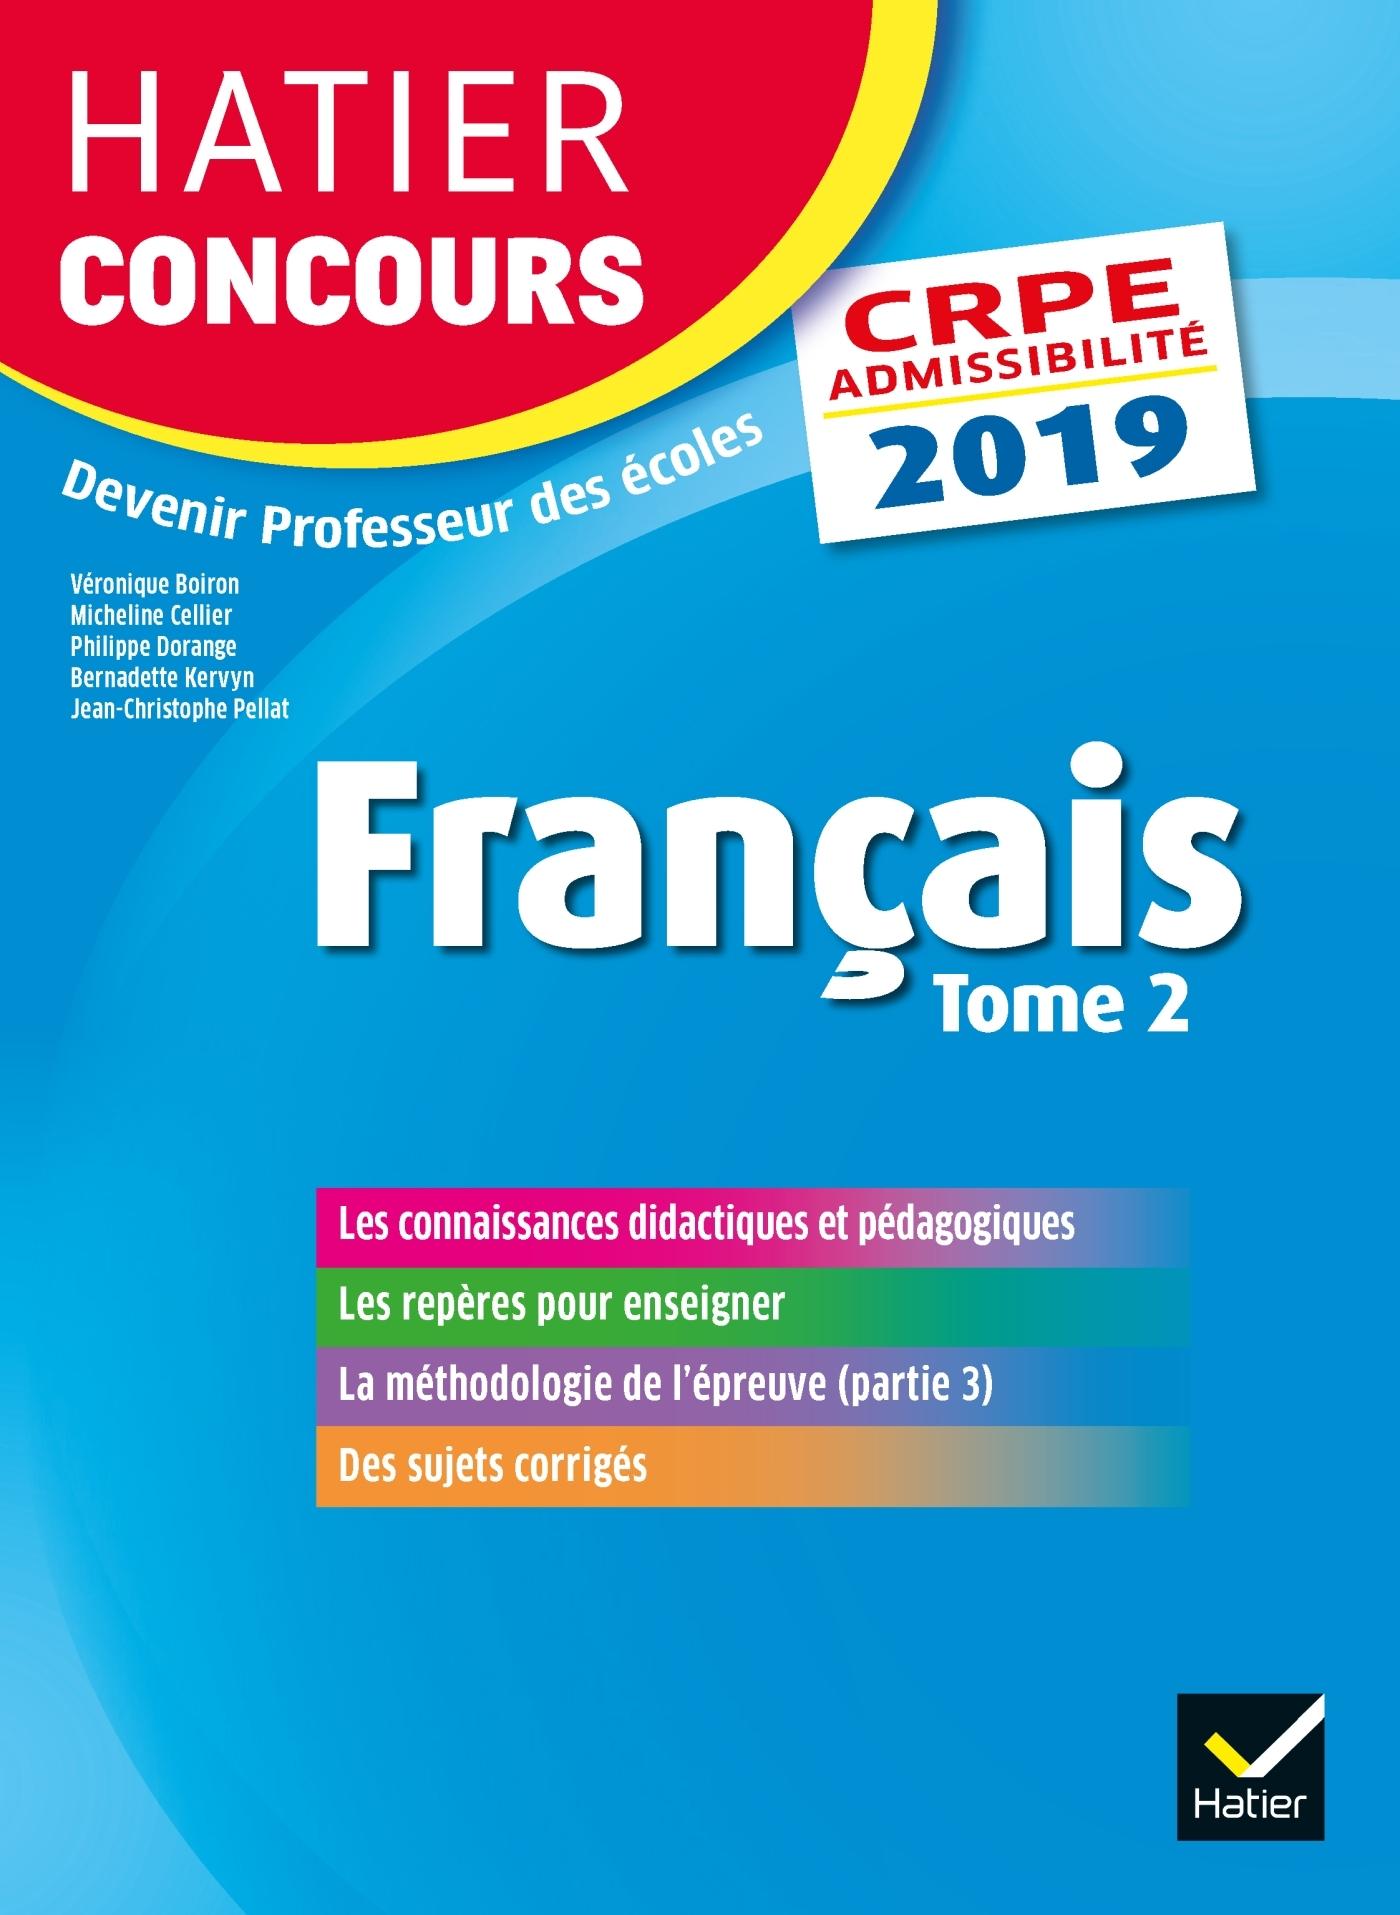 HATIER CONCOURS CRPE 2019 - FRANCAIS TOME 2 - EPREUVE ECRITE D'ADMISSIBILITE